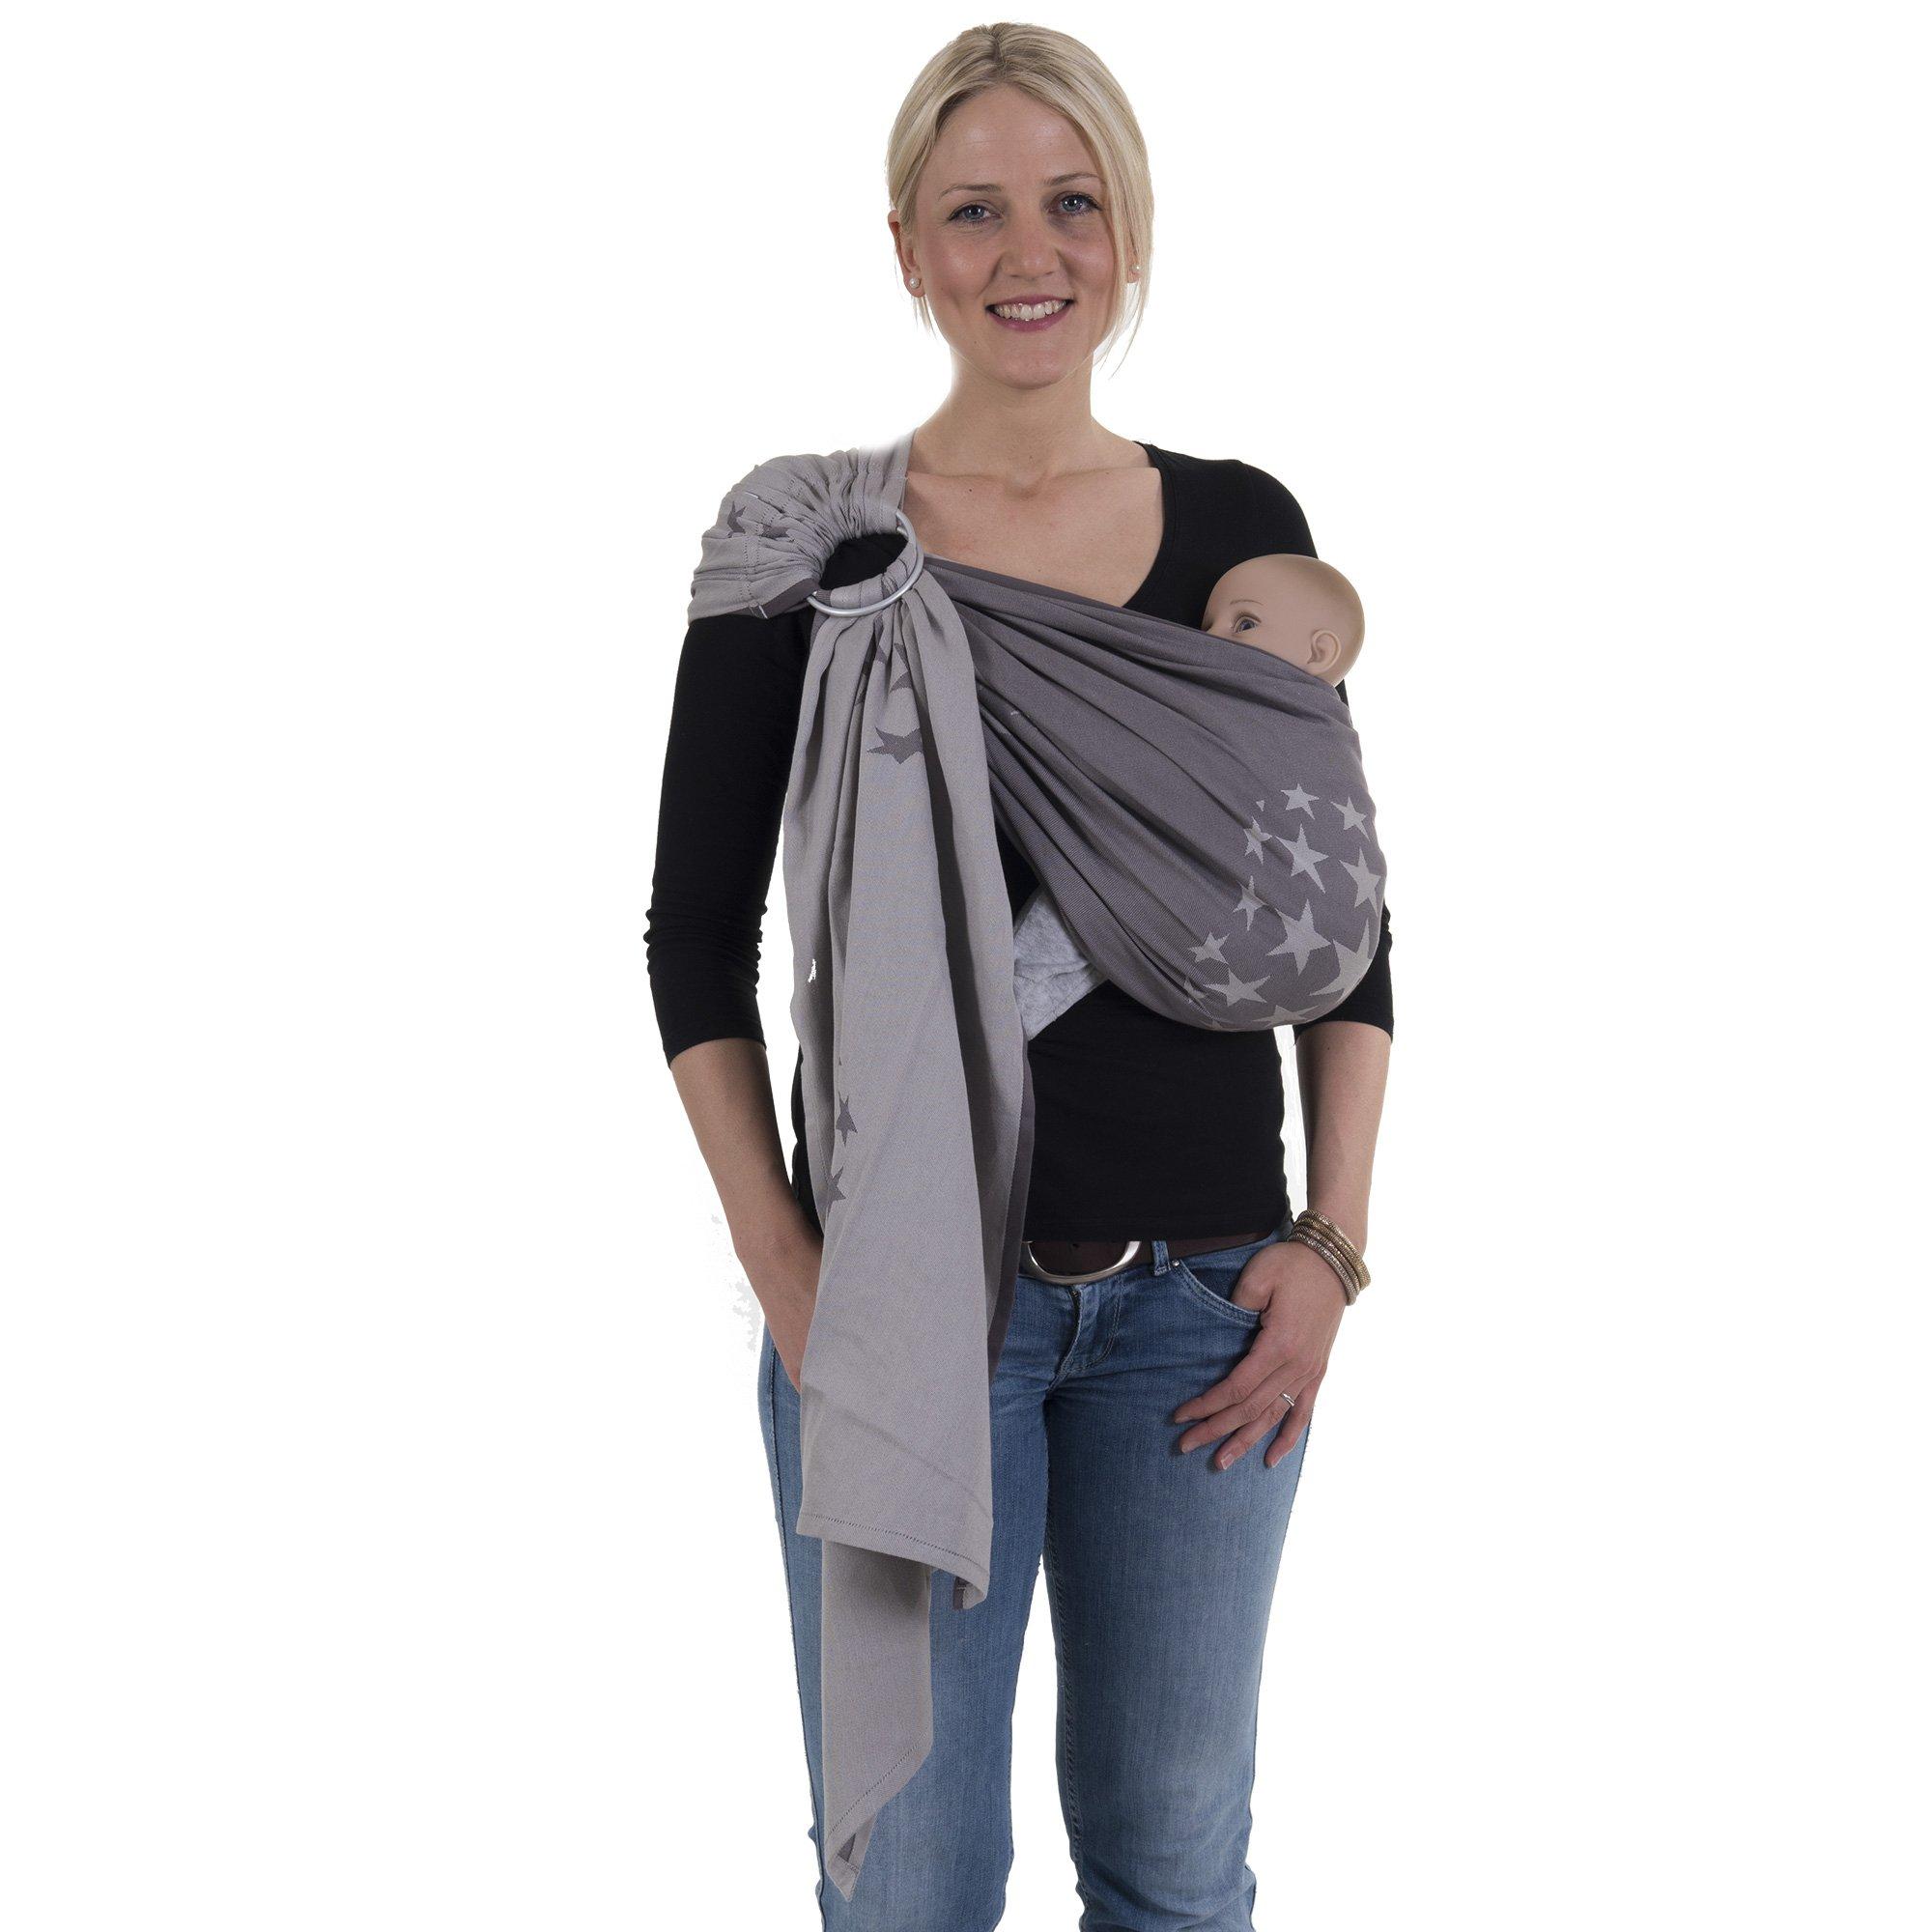 Echarpe de Portage pour transporter le Bébé ✮ Sac à dos Porte Bébé ✮ Echarpe  Sling ... 76d7fbfe5c4